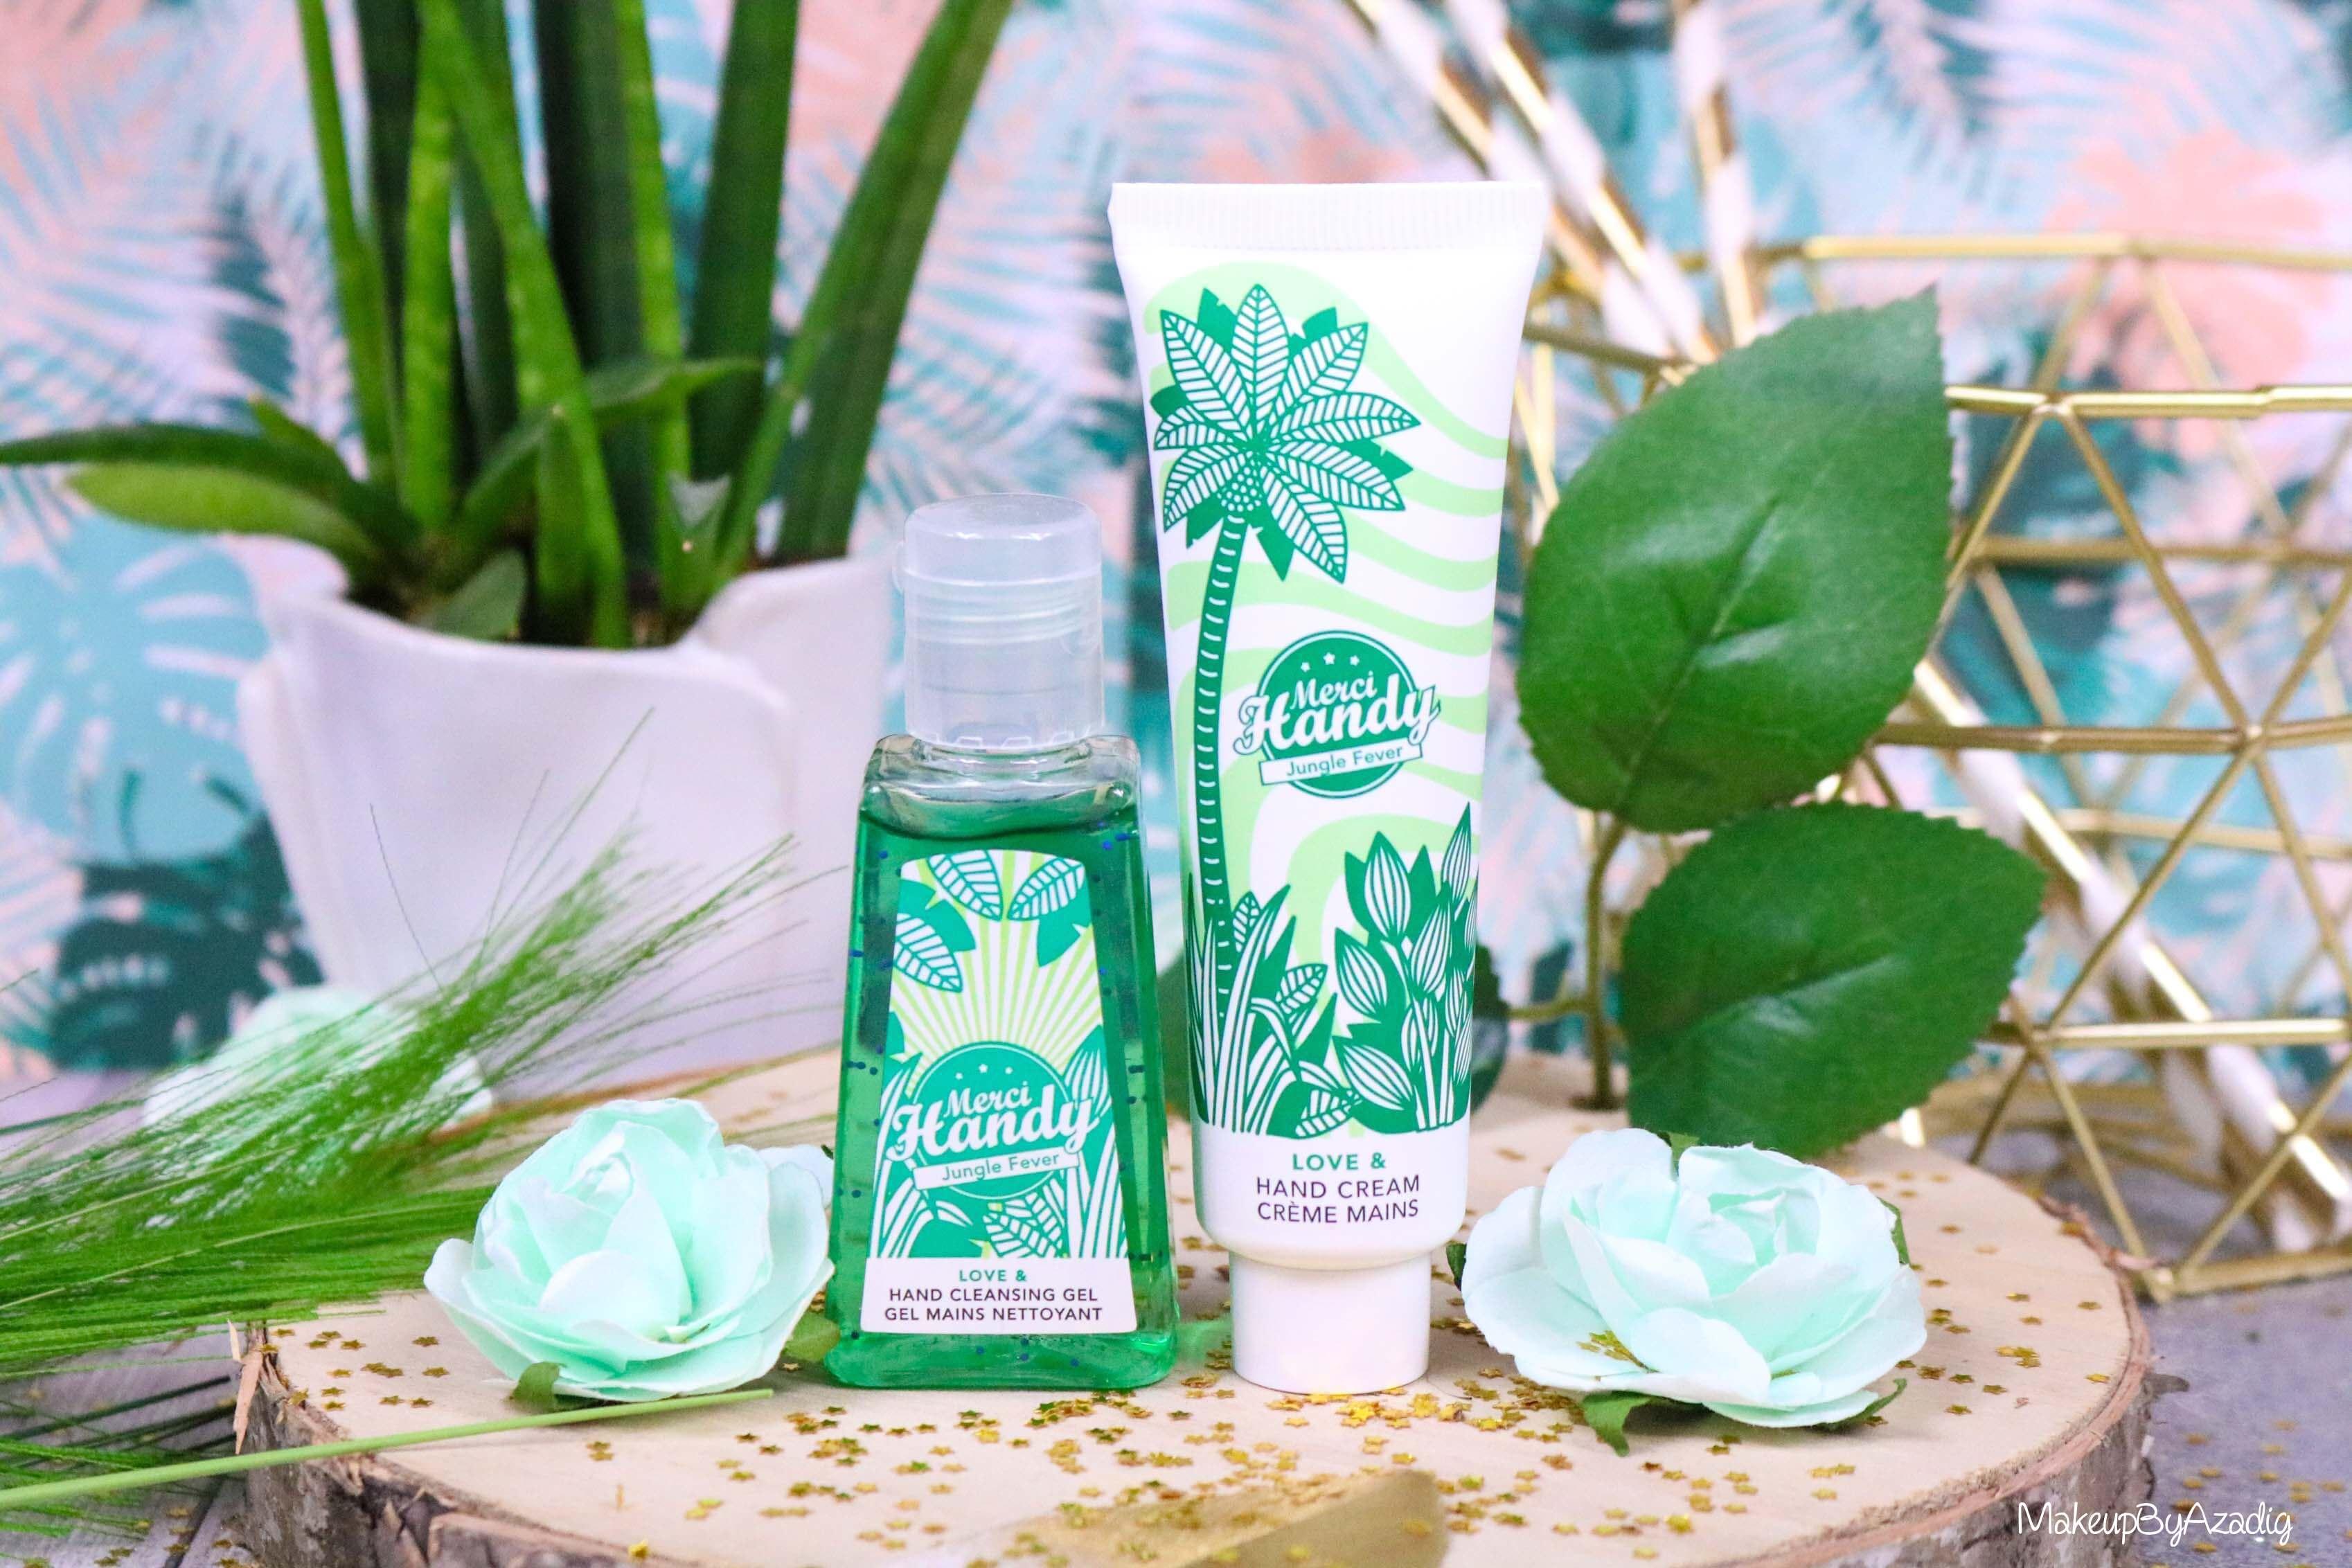 revue-merci-handy-jungle-fever-makeupbyazadig-nouvelle-senteur-gel-antibacteriens-creme-mains-bougie-sephora-avis-prix-cream